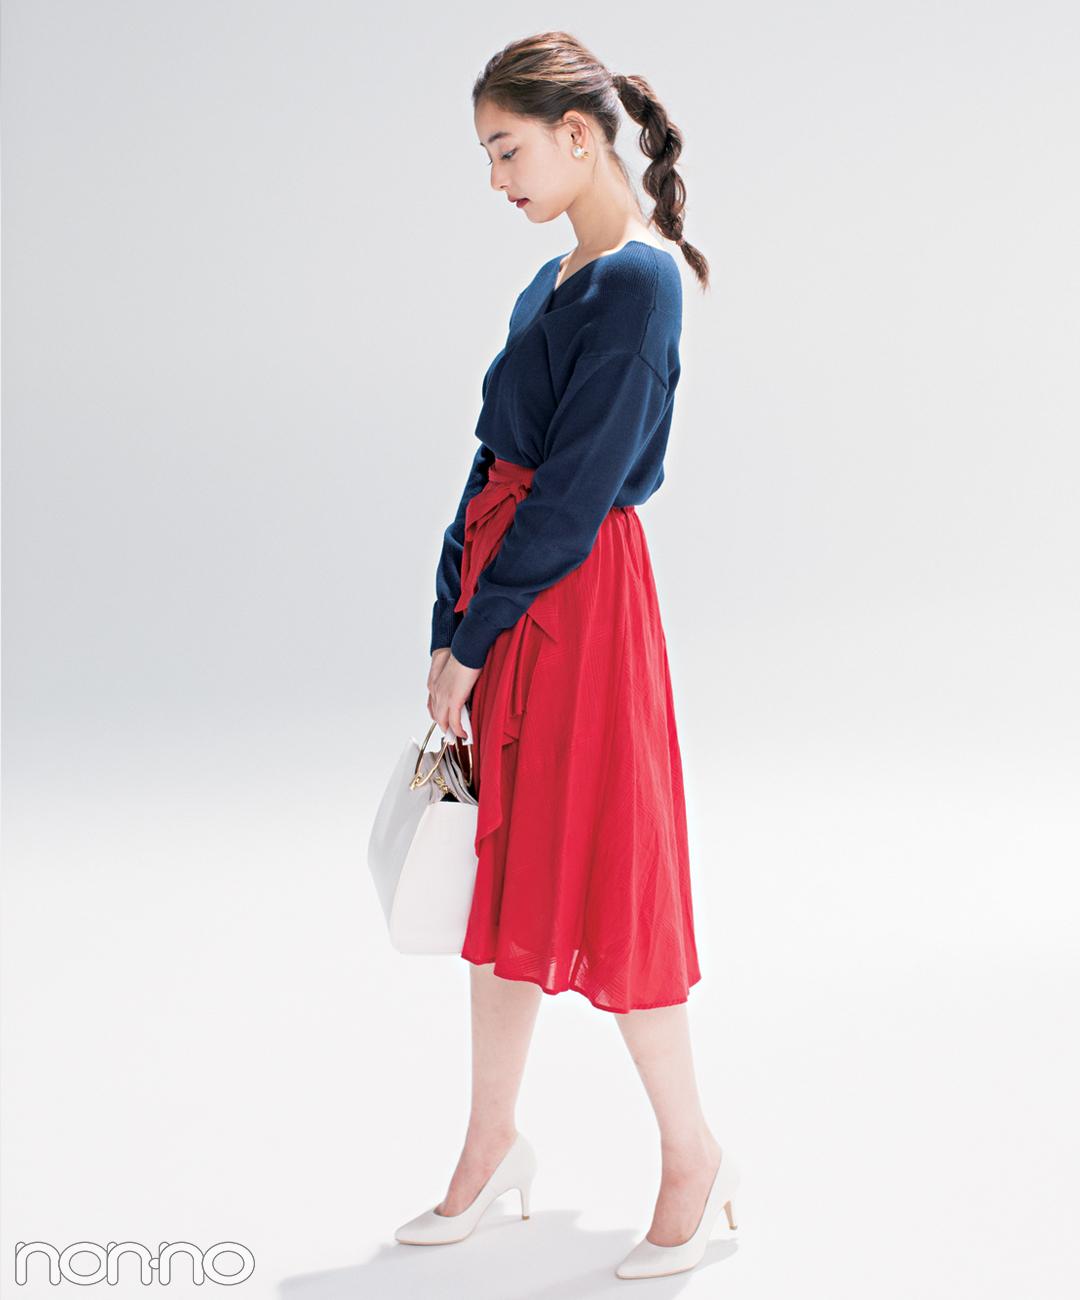 優子・七瀬・まなみんが着る! おしゃれ度急上昇♡ 赤×ネイビー×白の春コーデ4選_1_3-1